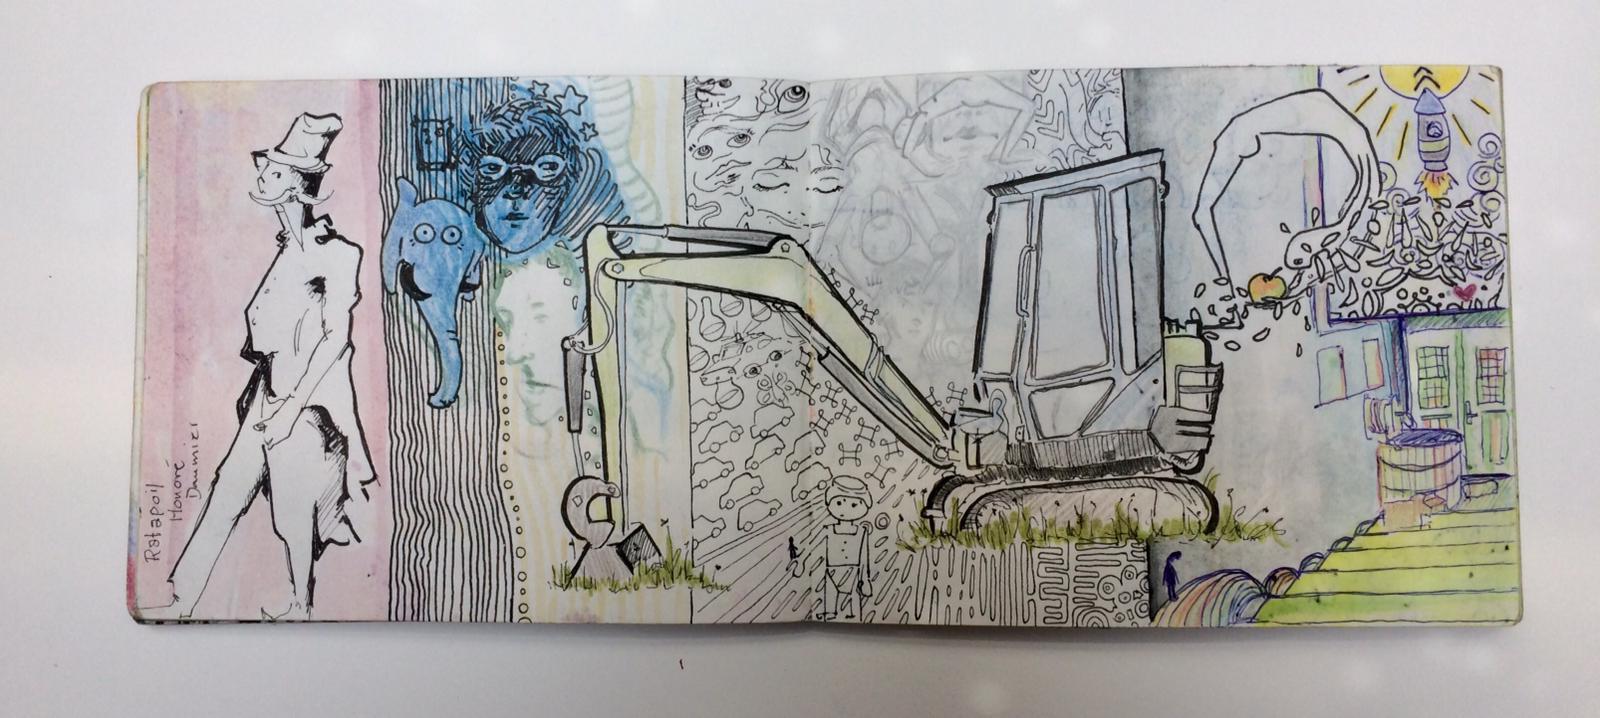 werkstatt-eden-lis-werner-illustration-skizzenbuch11